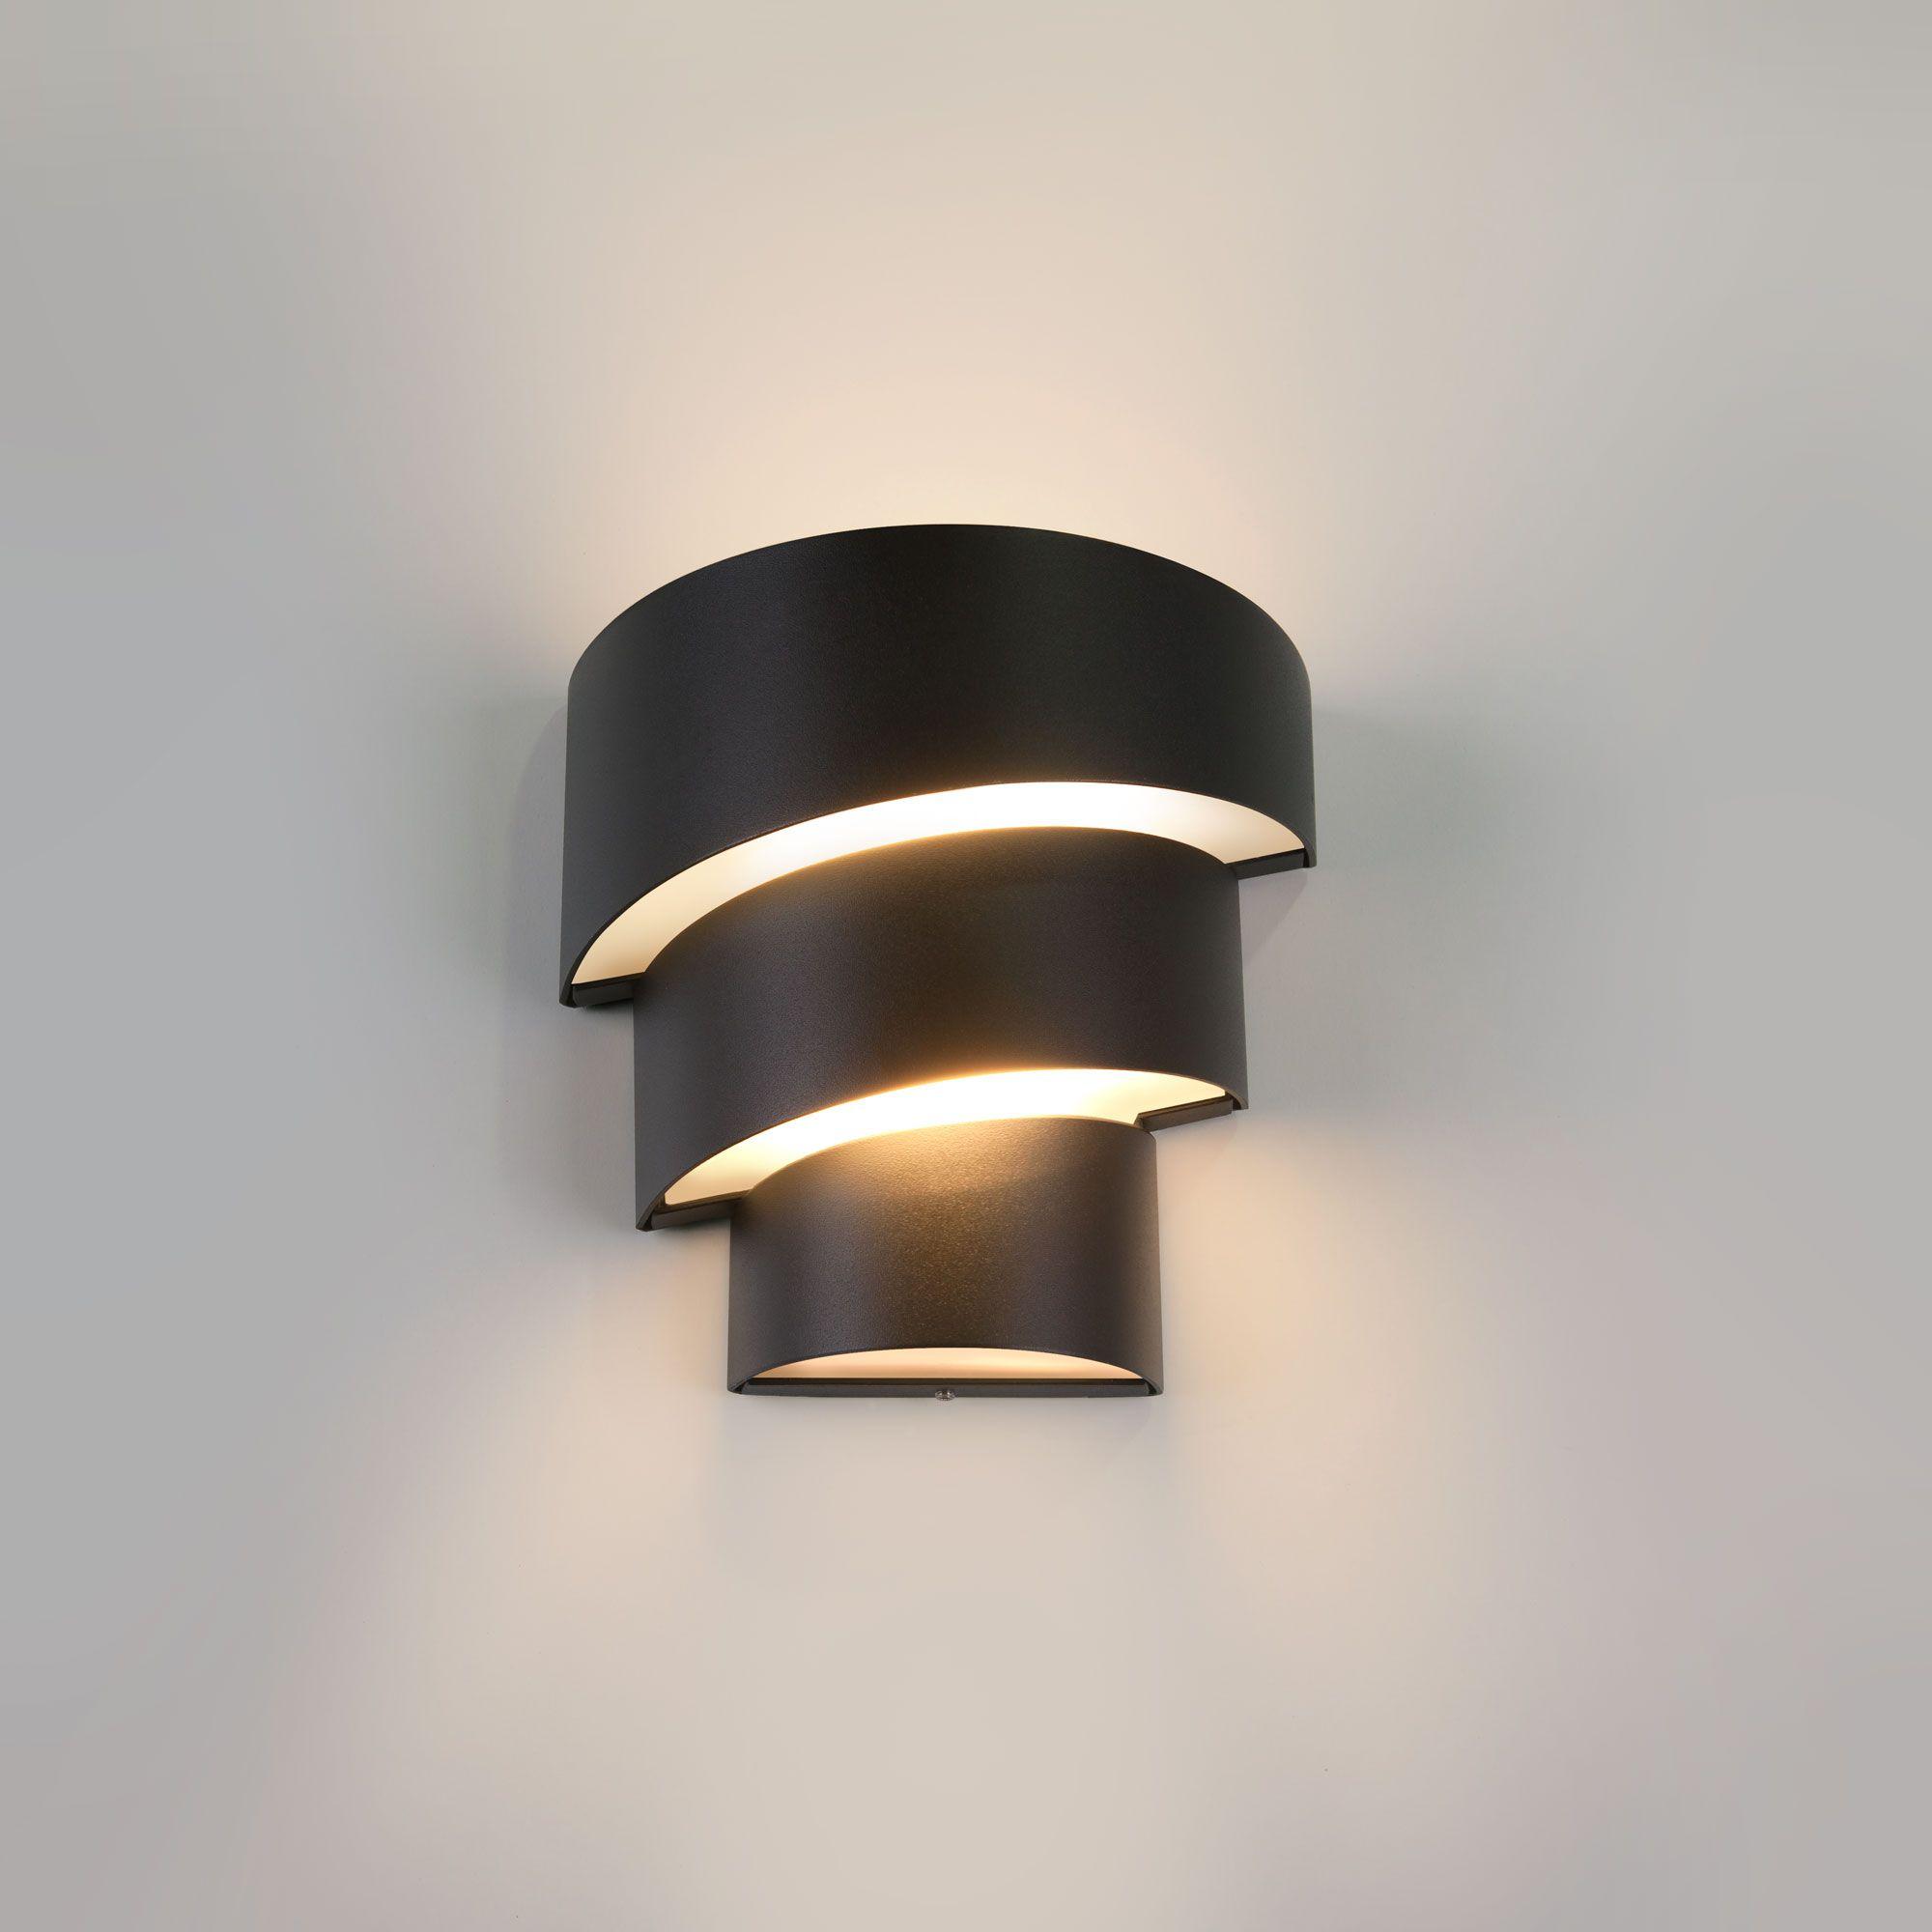 Уличные фонари, столбы купить недорого в ОБИ, выгодные цены